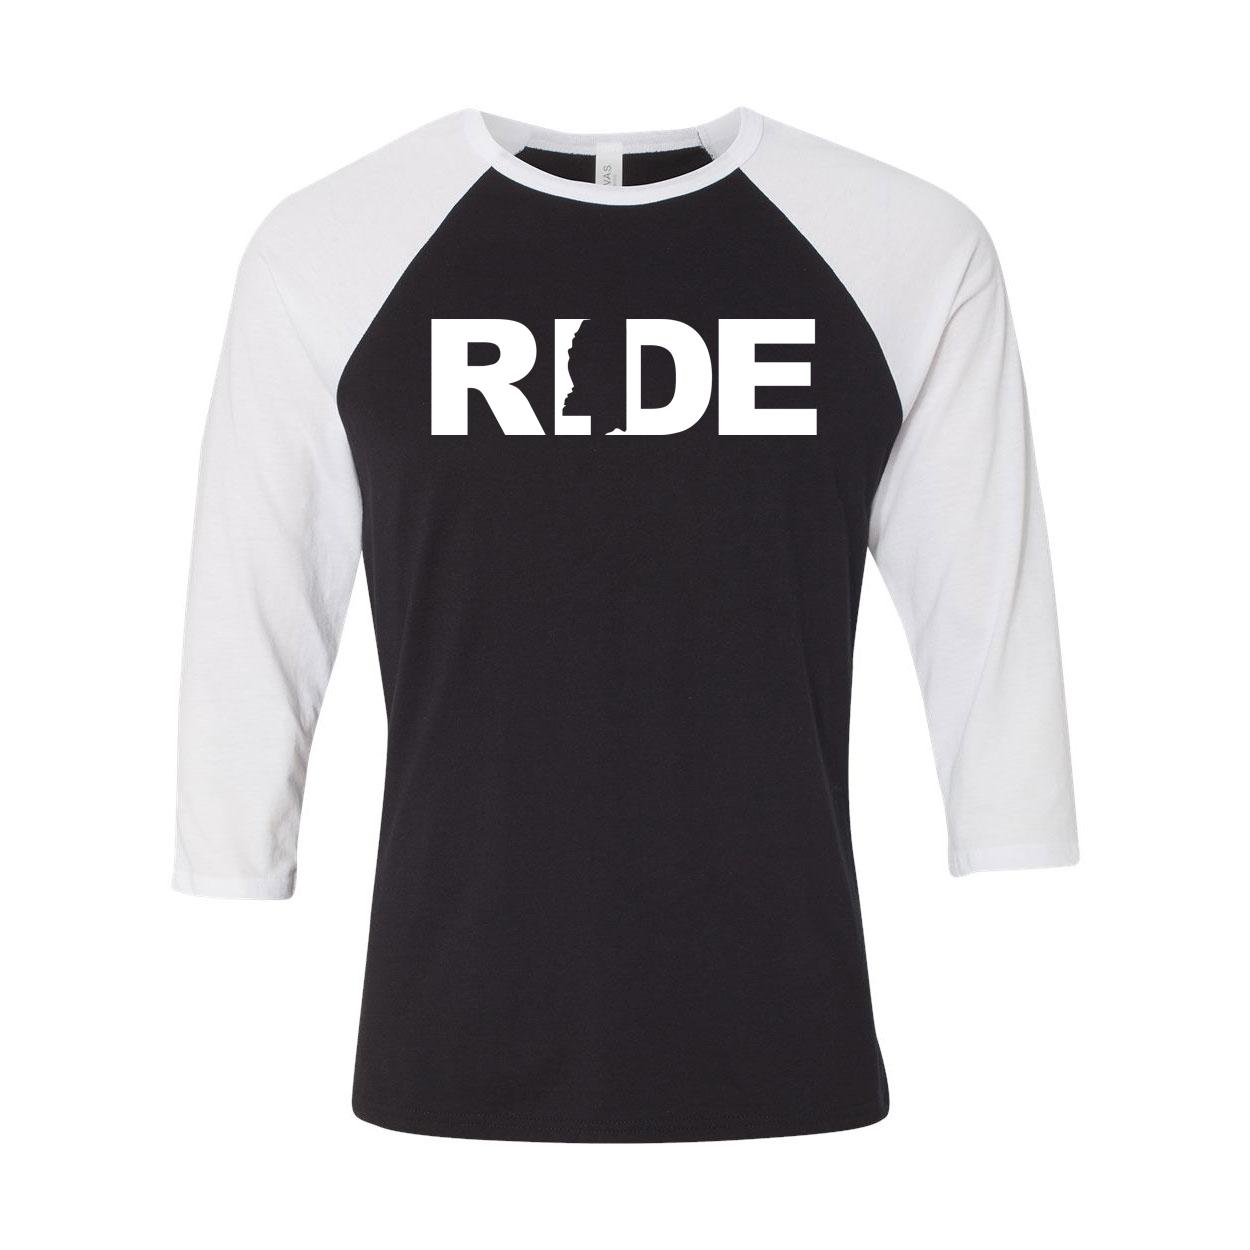 Ride Mississippi Classic Raglan Shirt Black/White (White Logo)